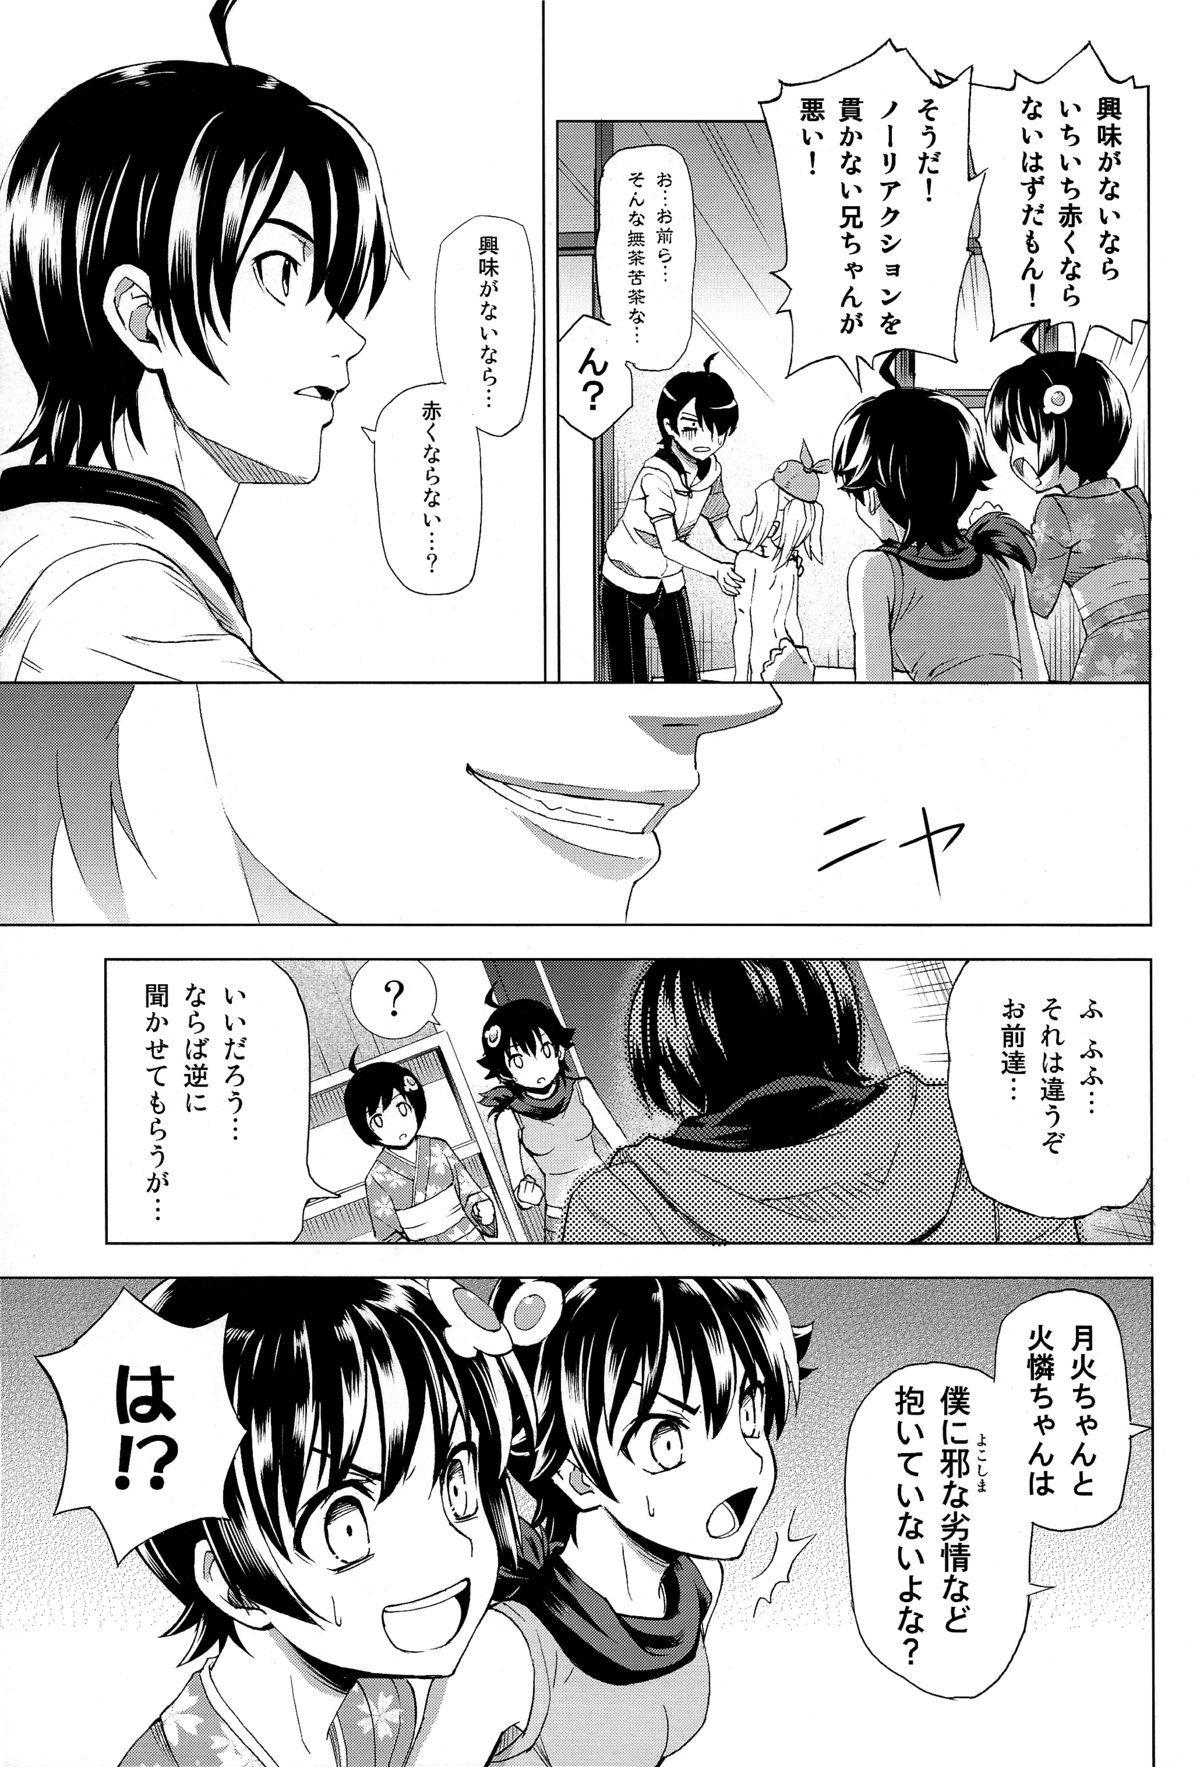 Hentai Judgment 18